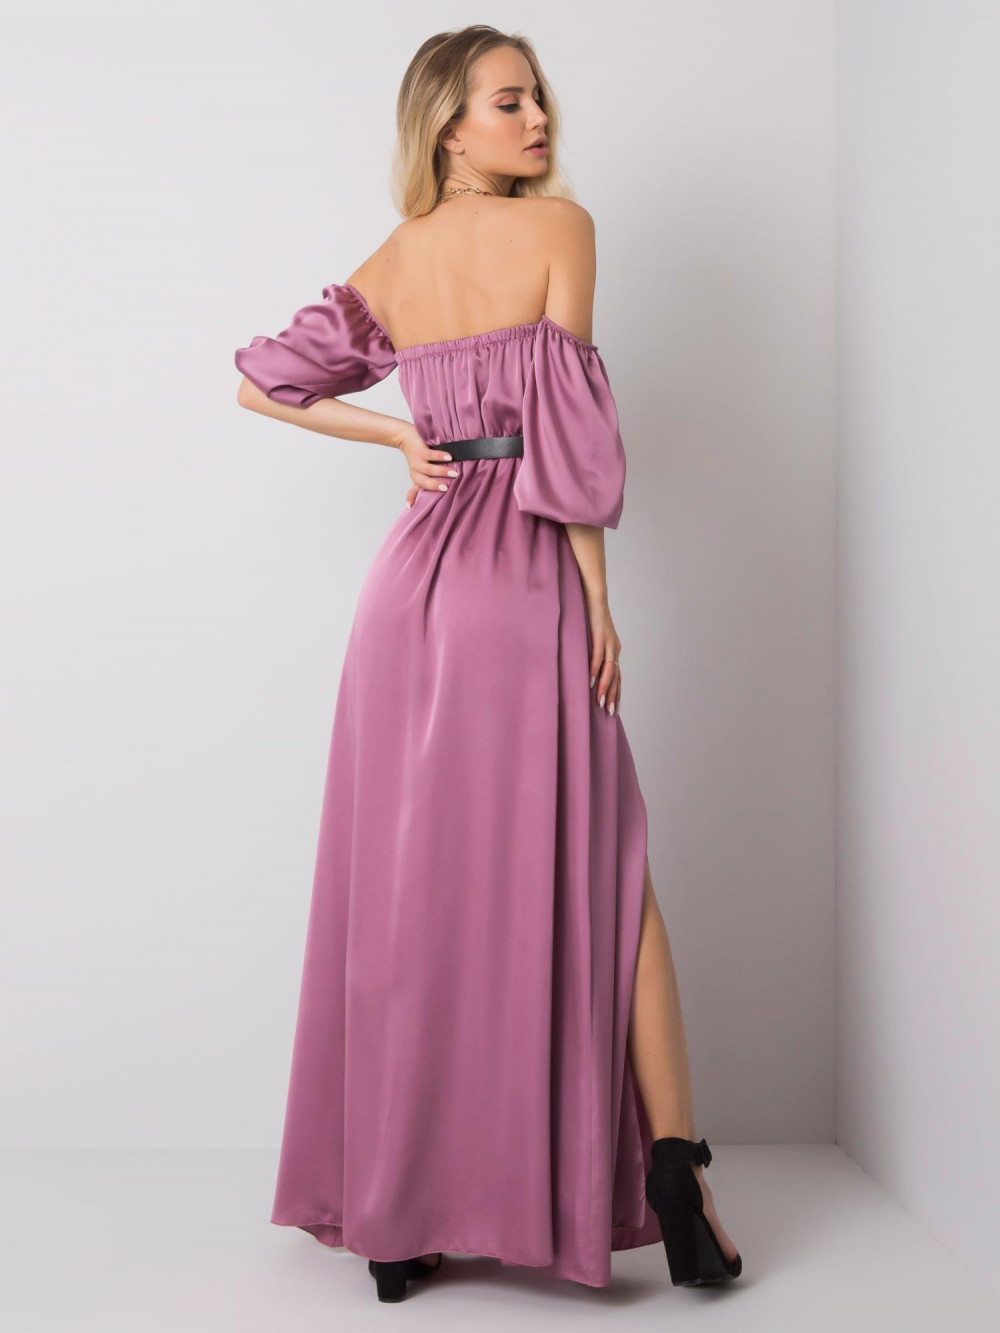 Fioletowa sukienka hiszpanka z wycięciem na nogę maxi Scarlett 4